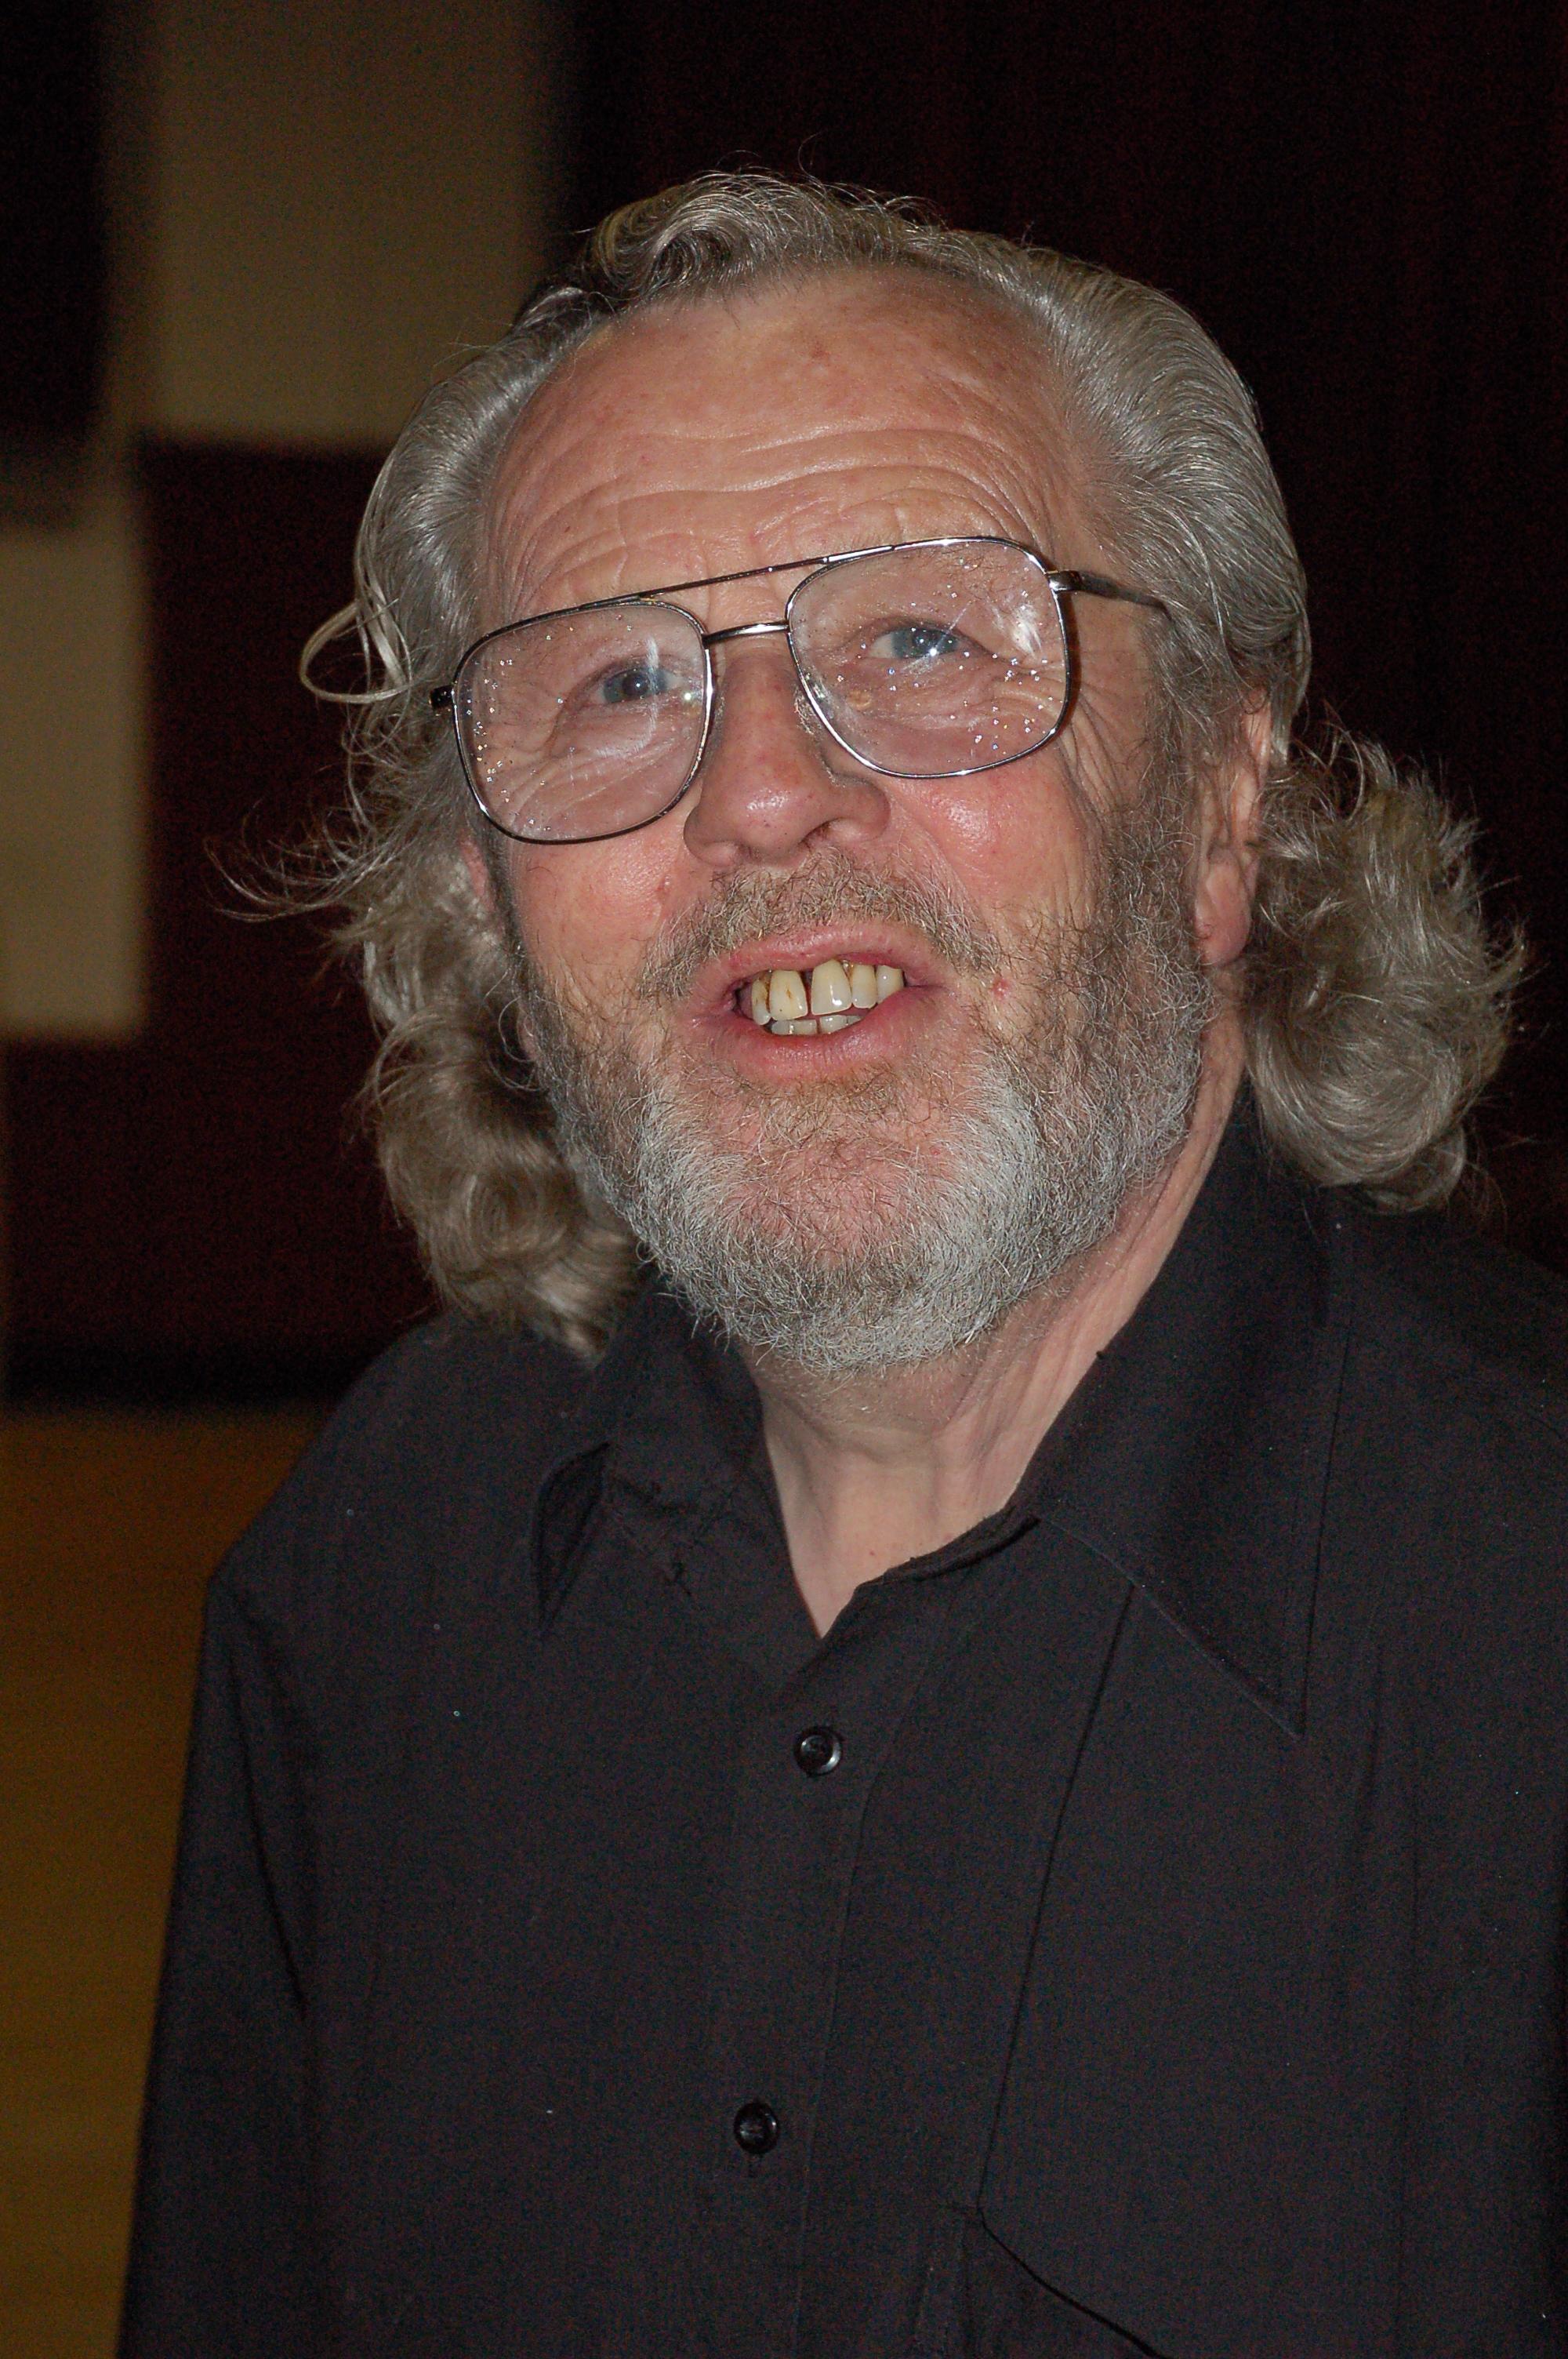 RIP Geoff Miller